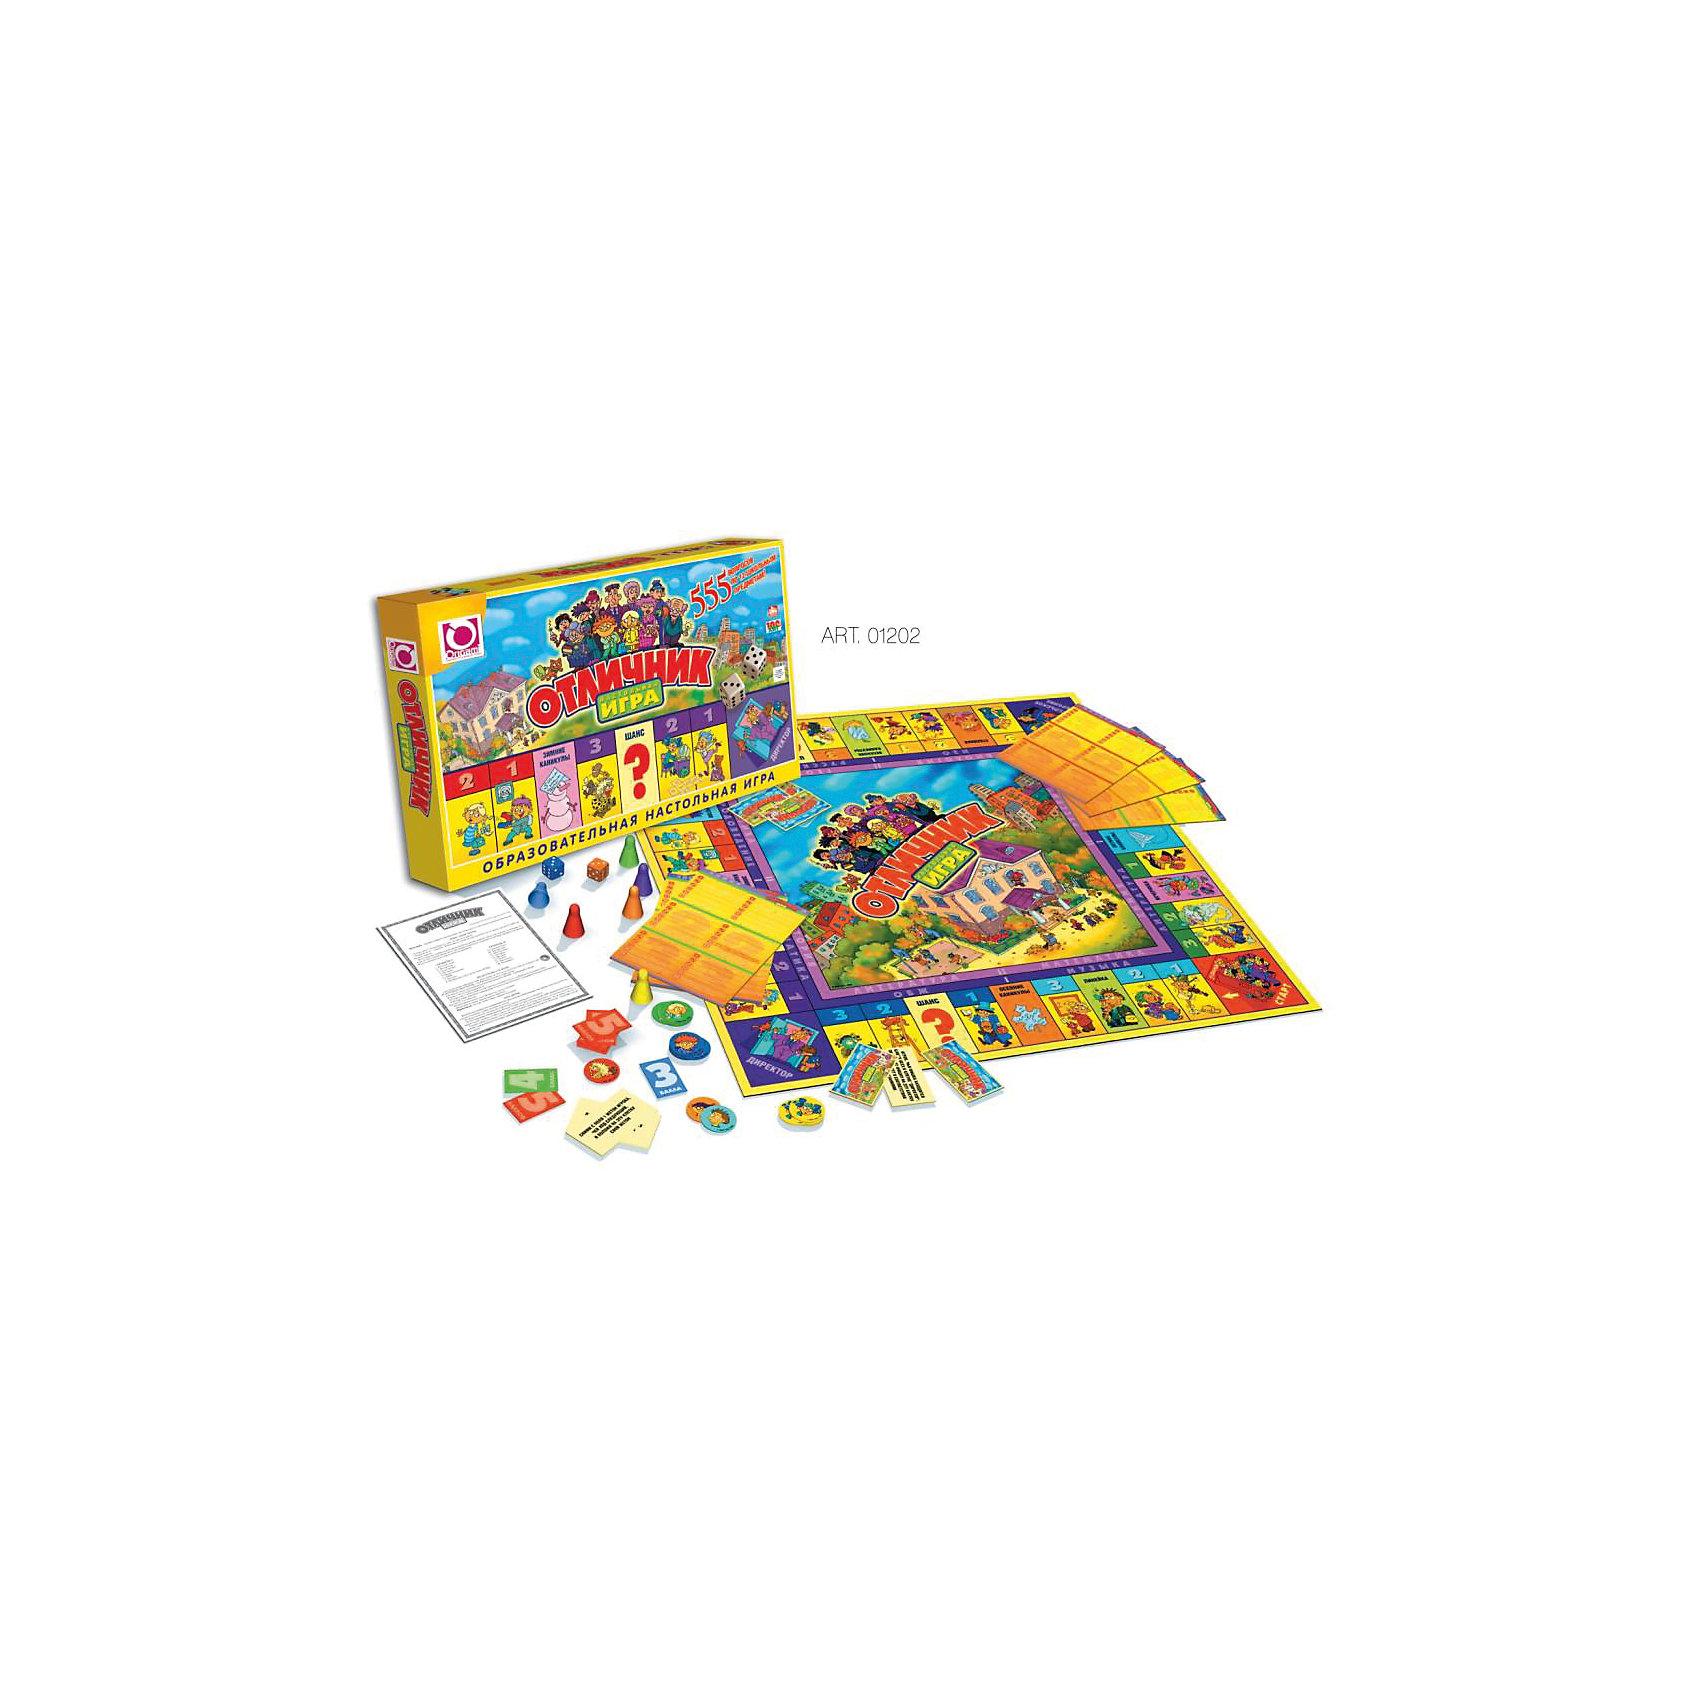 Настольная игра FunGame Отличник, OrigamiЭкономические настольные игры<br>Характеристики:<br><br>• возраст: от 6 лет<br>• комплектация: игровое поле, 24 филиала; 12 предприятий; 20 карточек «Шанс»; 30 карточек «Фортуна»; 26 карточек «Участков»; банкноты ( 1, 5, 10, 20, 50, 100, 500 франтов по 48 шт); , акции 48 шт; страховые полисы ( 12 зеленых, 12 синих, 12 оранжевых, 12 красных); 6 фишек игроков; 2 кубика; правила игры<br>• количество игроков: от 2 до 6 человек<br>• средняя продолжительность игры: 90 минут<br>• размер игрового поля: 48х48 см.<br>• размер банкноты: 10х5 см.<br>• материал: картон, пластик<br>• упаковка: картонная коробка<br>• размер упаковки: 25,5х39х4,4 см.<br>• вес: 562 гр.<br><br>Экономическая игра - отличная возможность научиться разбираться в мире бизнеса, завоёвывать доверие клиента своими личными качествами. Играя, ребёнок получает возможность пройти путь от менеджера до генерального директора компании.<br><br>Игра «Миллионер Элит» отличается от классической версии игры дополнительной комплектацией: впервые к традиционному набору – игровое поле, фишки, кубики, предприятия с филиалами, банкноты и различные карточки событий – добавились Акции и Страховые полисы на все случаи жизни. <br><br>Теперь пополнение банковского счета игрока зависит не только от удачной купли-продажи имущества, но и от непредсказуемого «поведения» акций на рынке ценных бумаг. Игра развивает логическое и экономическое мышление, обучает основам экономики, повышает общий интеллектуальный уровень.<br><br>Настольную игру FunGame Миллионер-элит, Origami (Оригами) можно купить в нашем интернет-магазине.<br><br>Ширина мм: 46<br>Глубина мм: 390<br>Высота мм: 255<br>Вес г: 550<br>Возраст от месяцев: 72<br>Возраст до месяцев: 2147483647<br>Пол: Унисекс<br>Возраст: Детский<br>SKU: 6845960